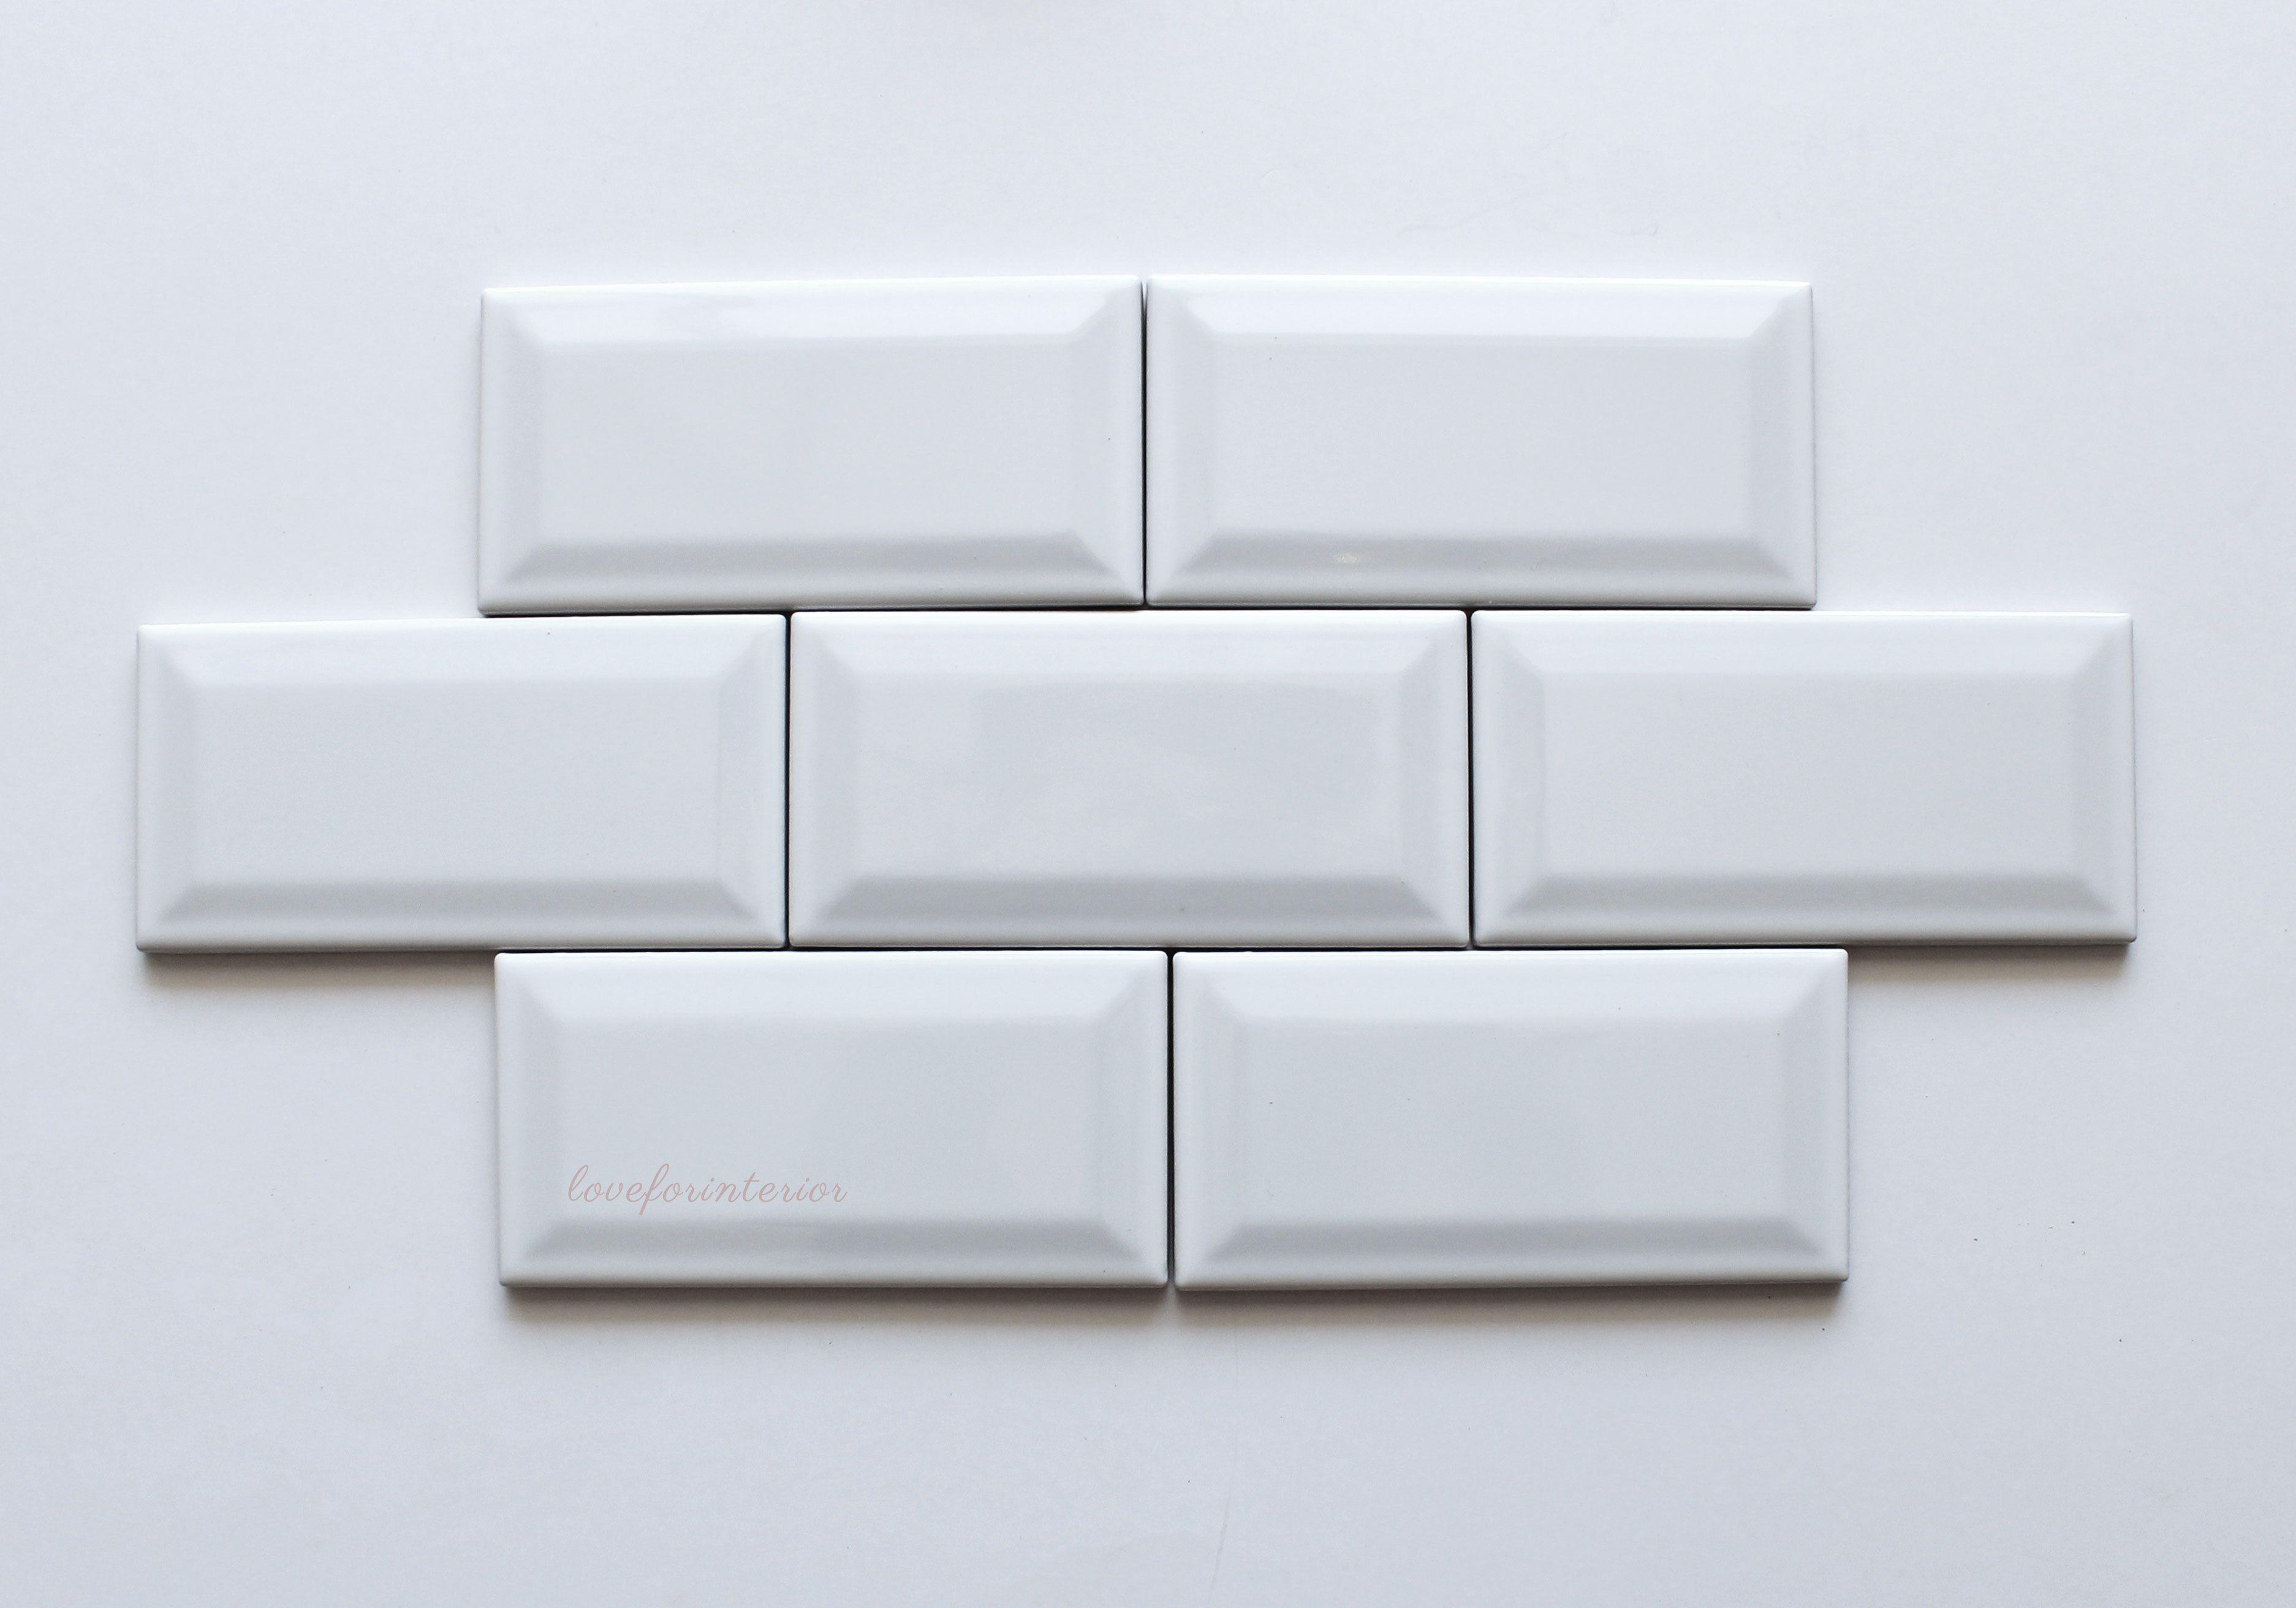 oltre 20 migliori idee su piastrelle bianche su pinterest ... - Piastrelle Bianche Ceramica